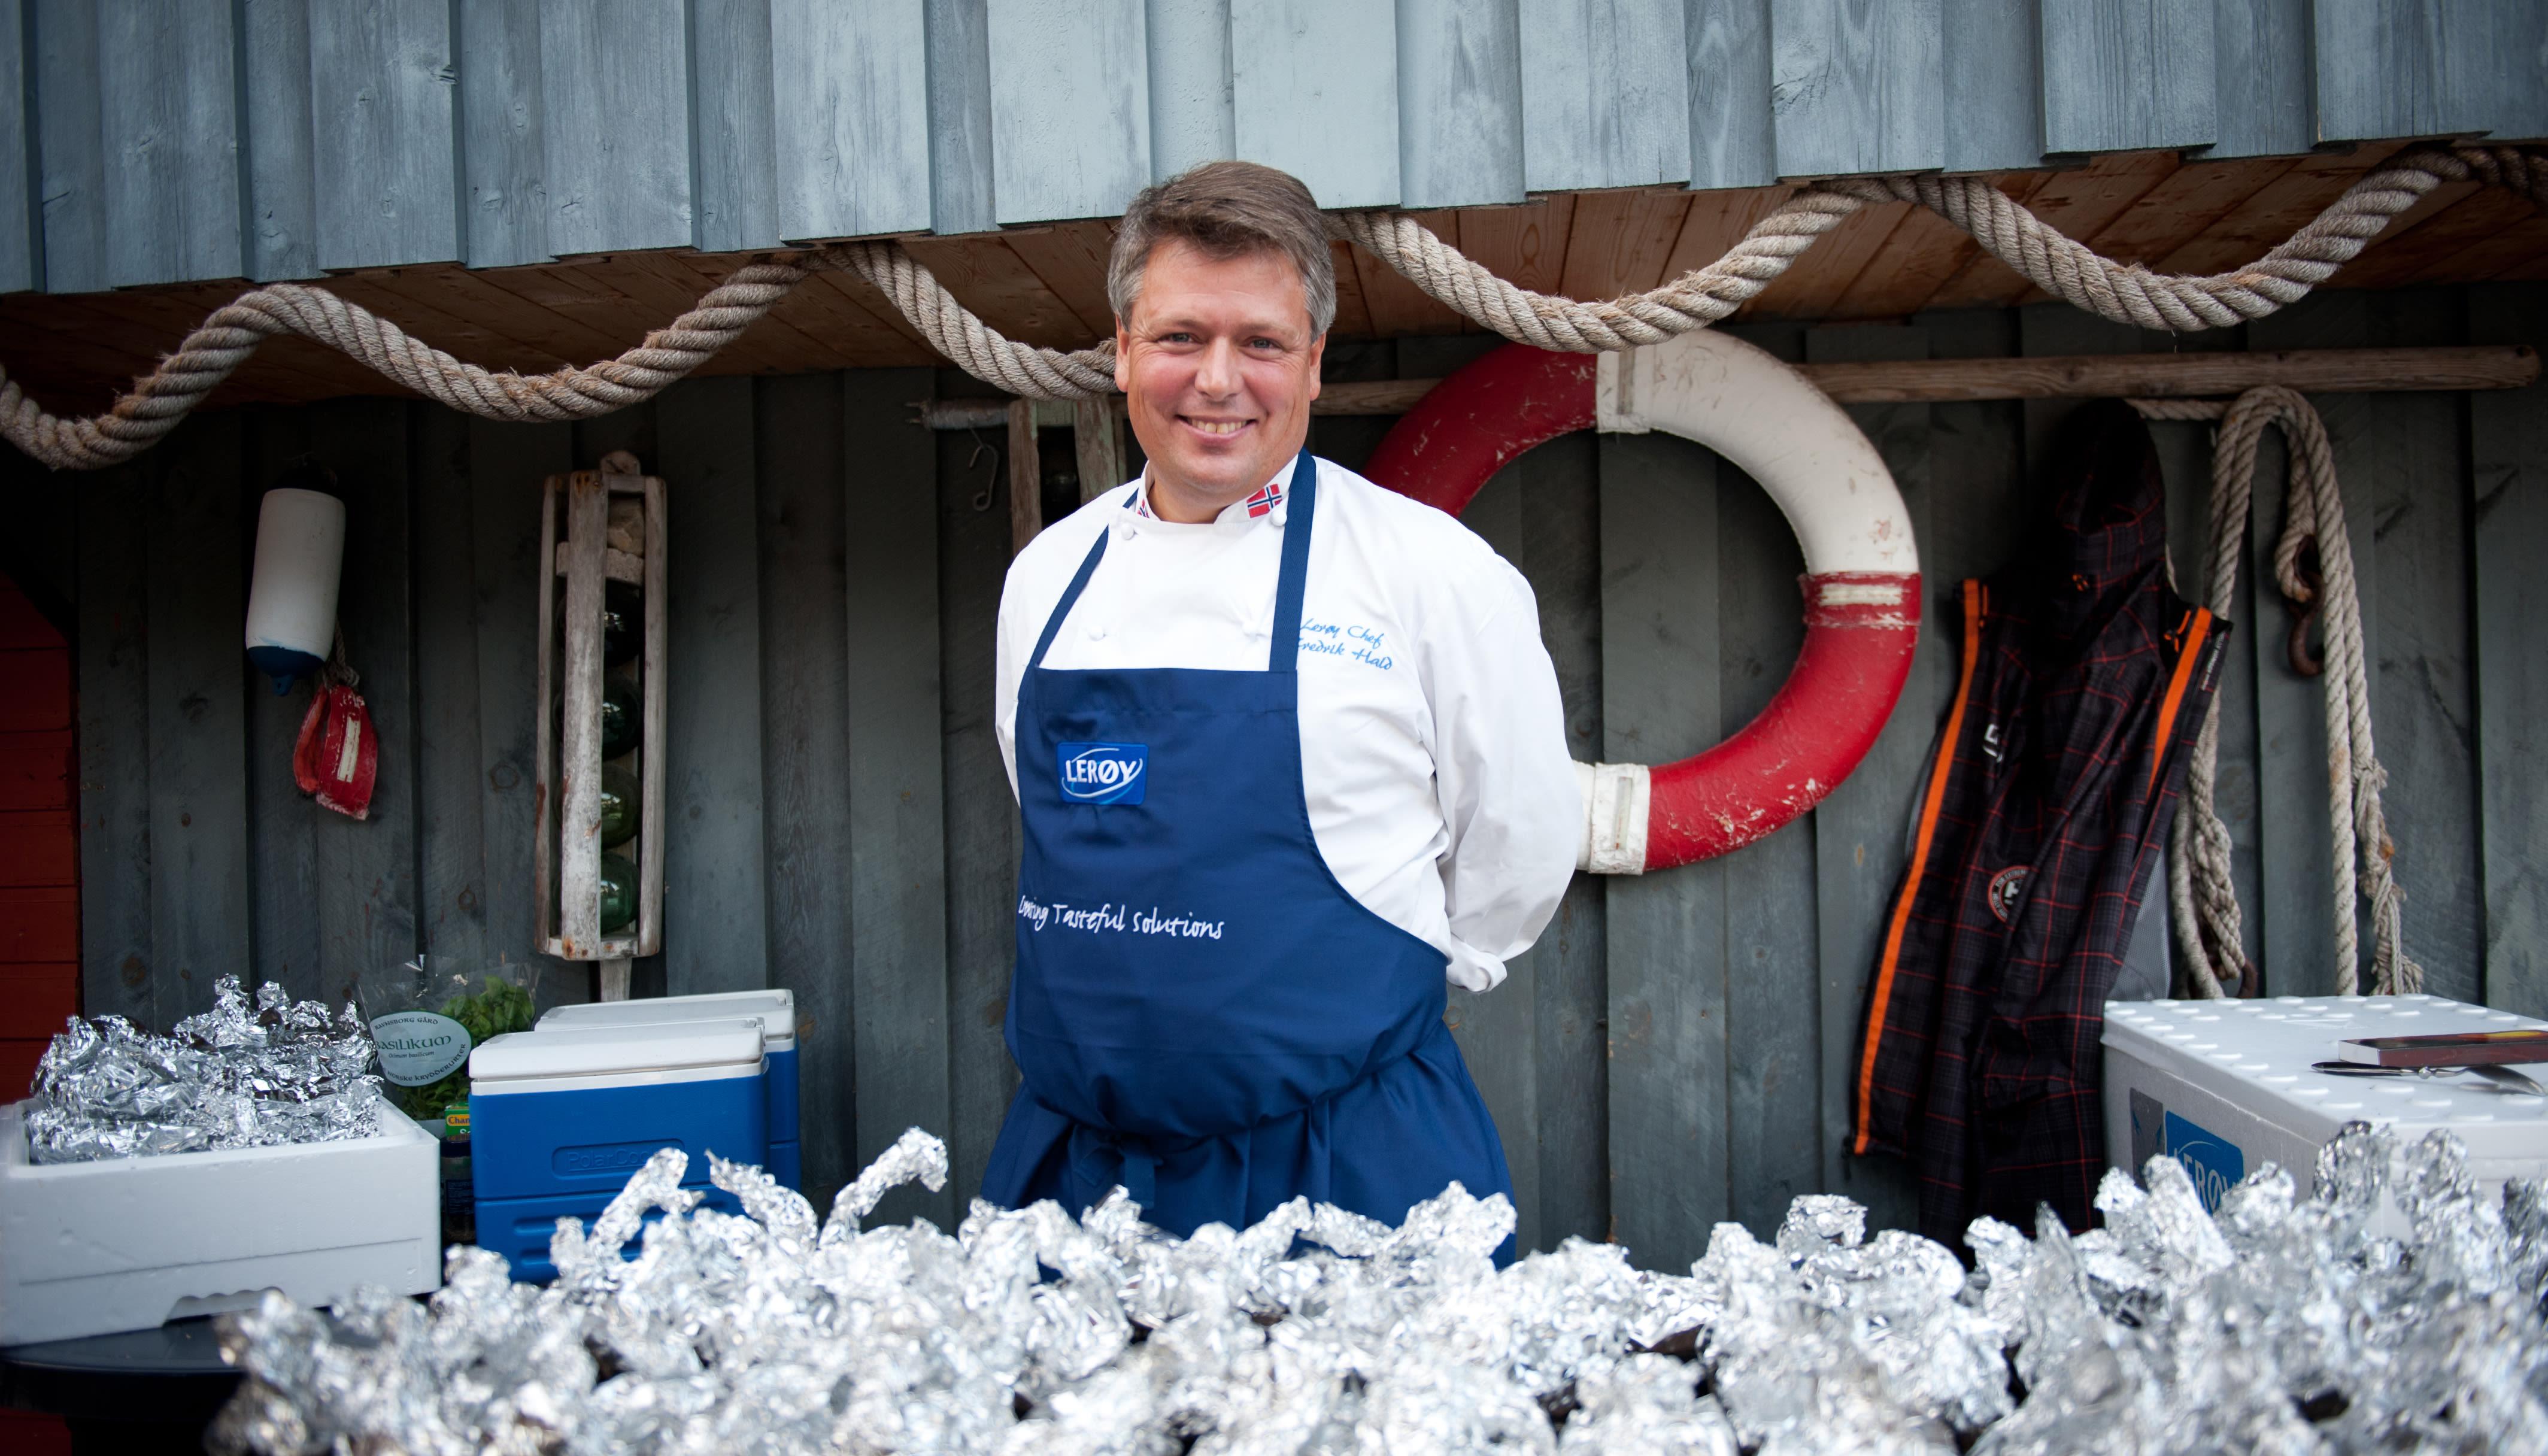 Fredrik Hald er produktsjef i Lerøy og griller fisk året rundt.